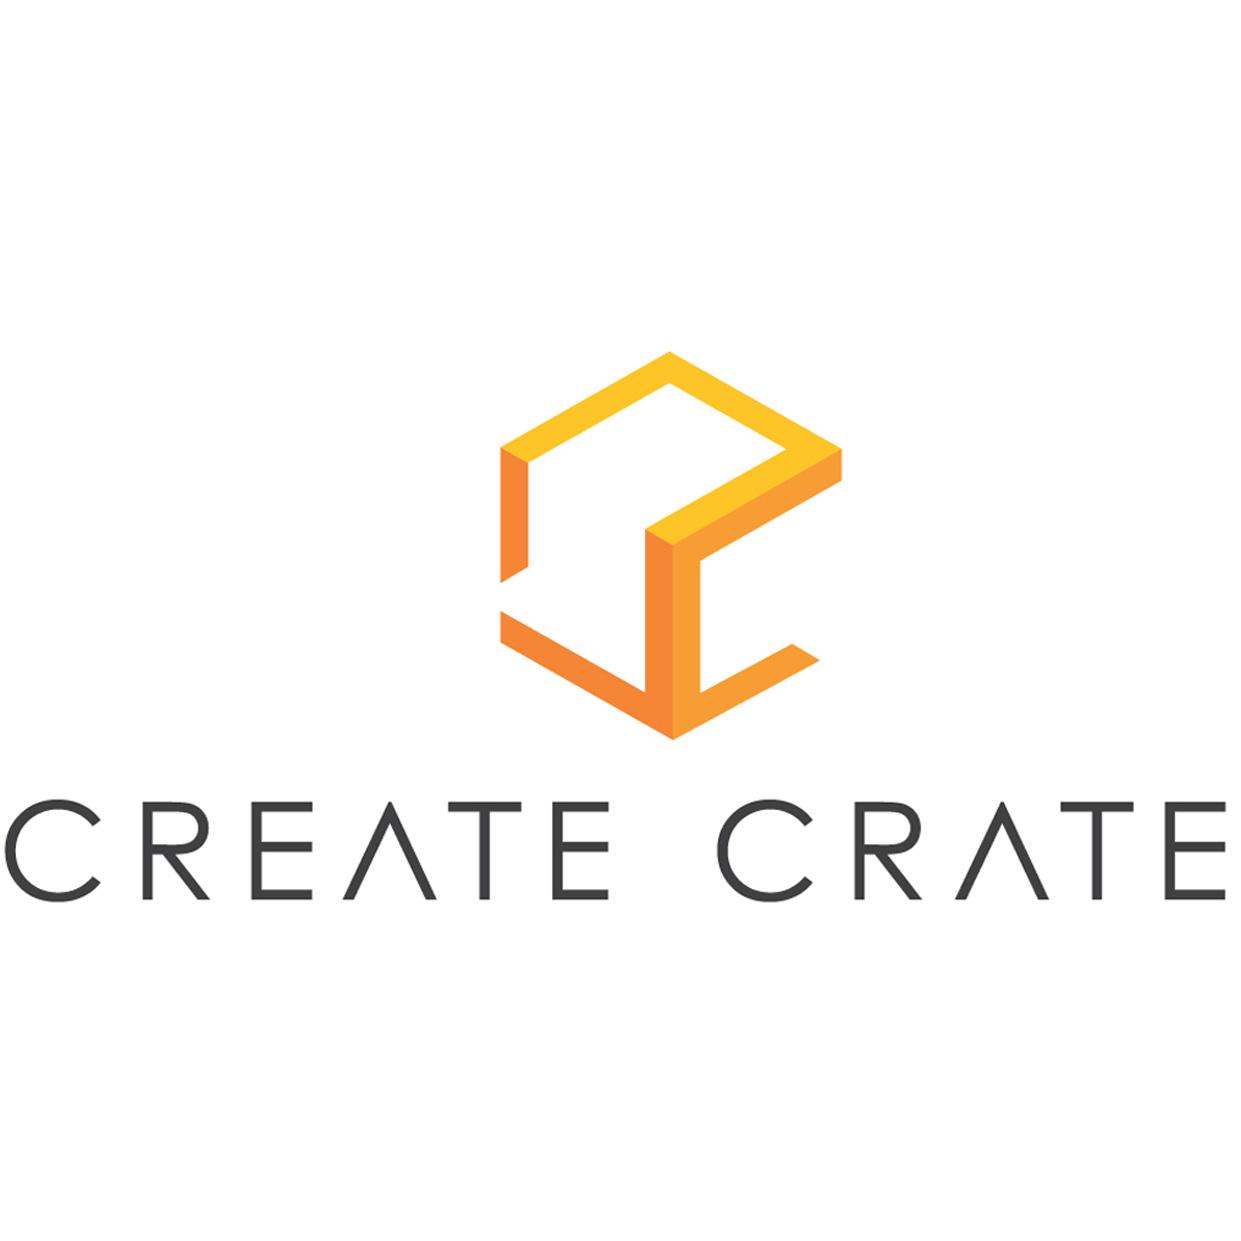 Create Crate